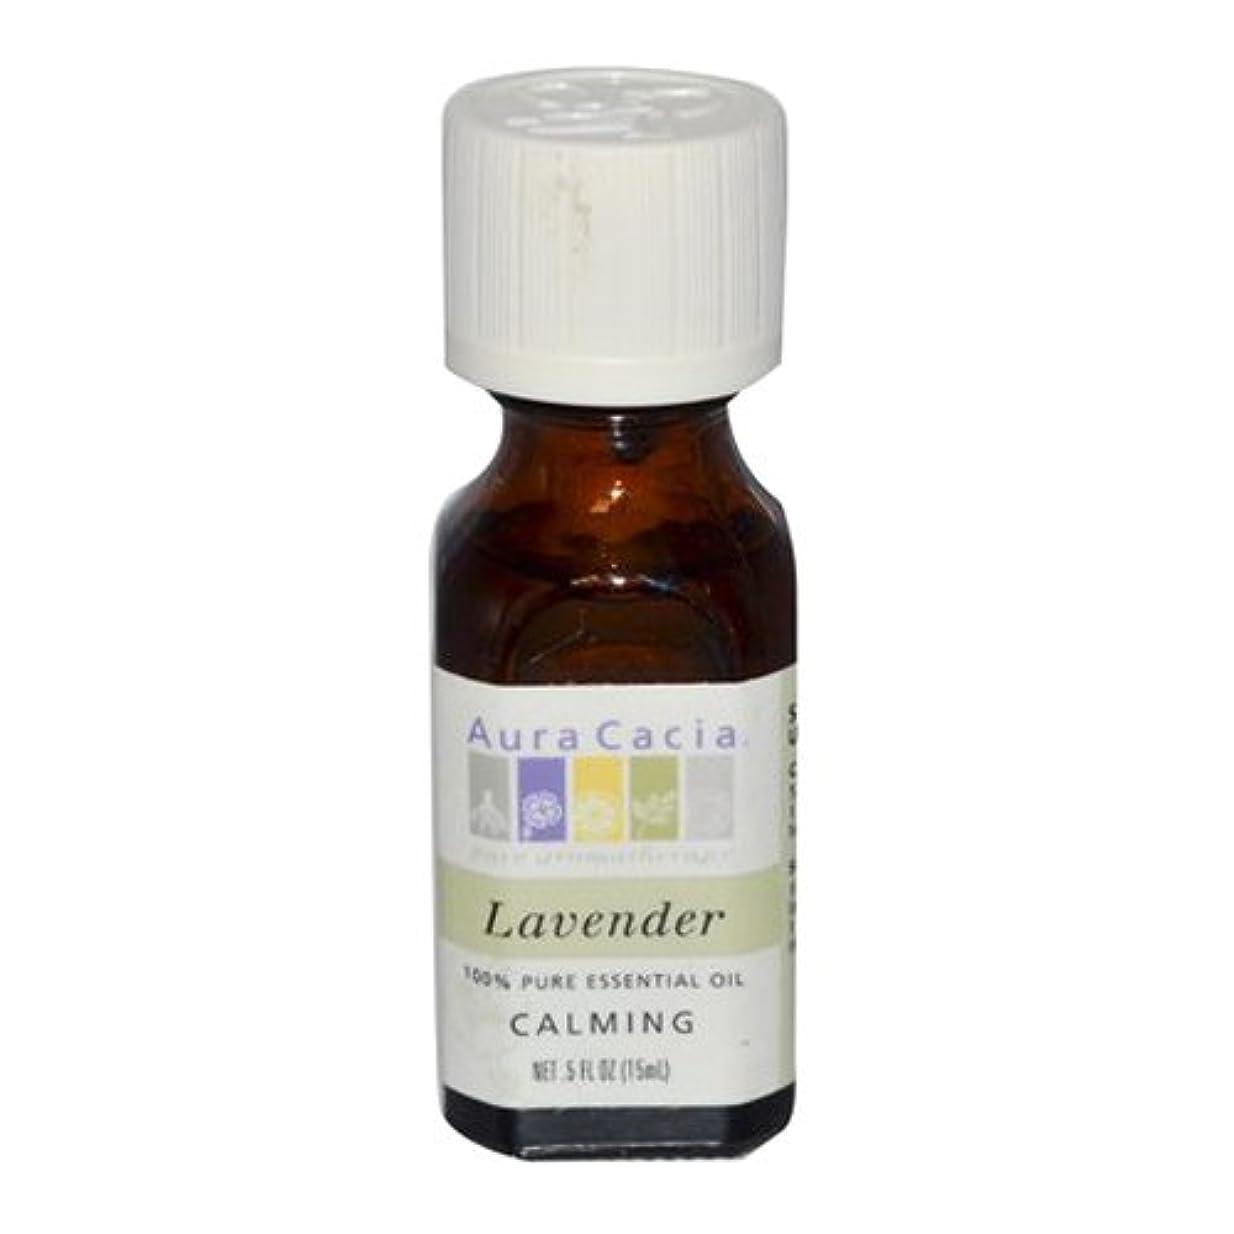 非効率的な率直な不道徳Aura Cacia Lavender Calming Pure Essential Oil 15 ml (並行輸入品)